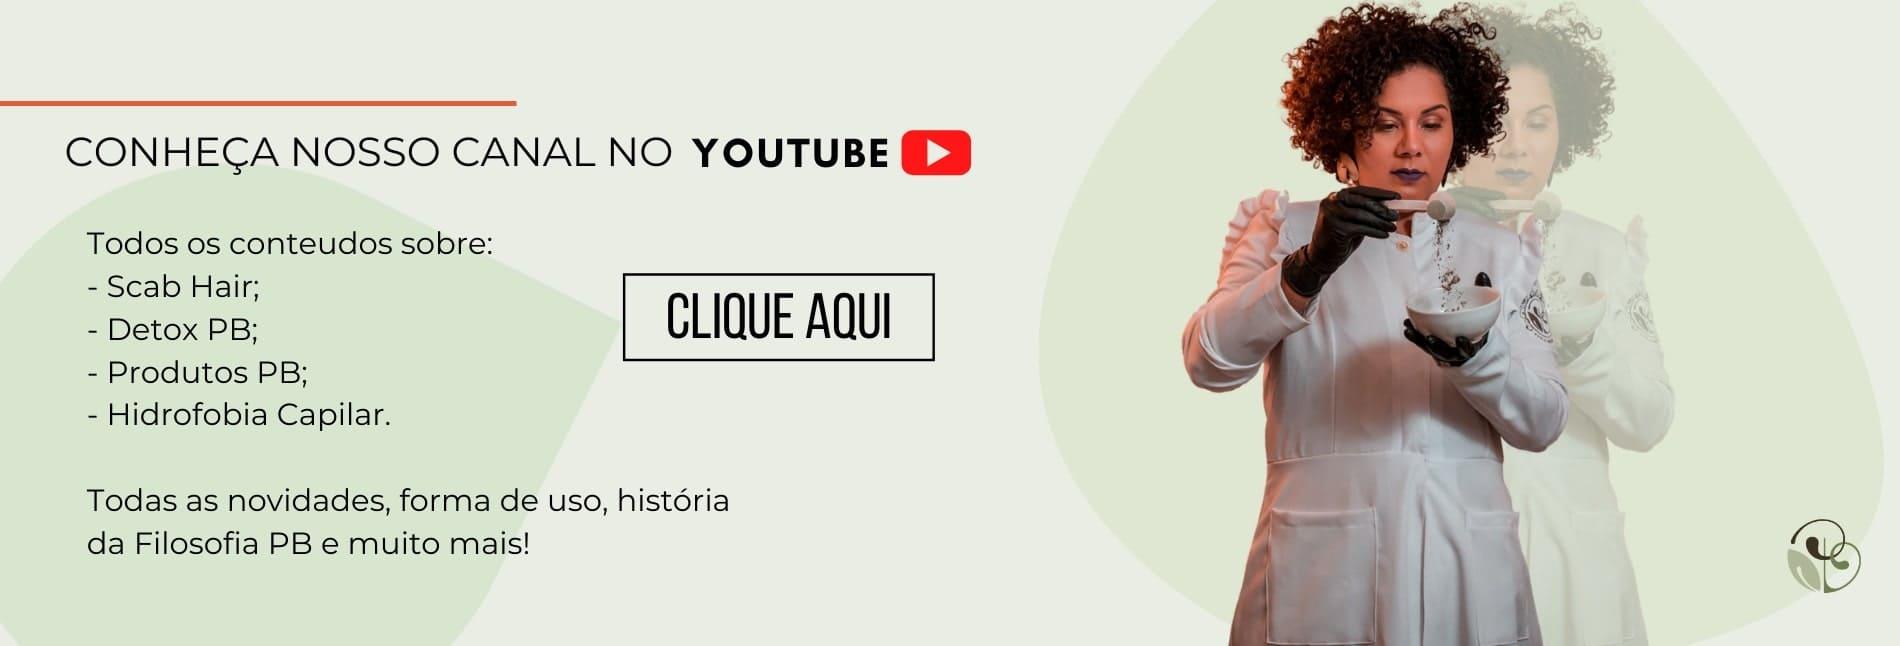 Banner 2 Youtube